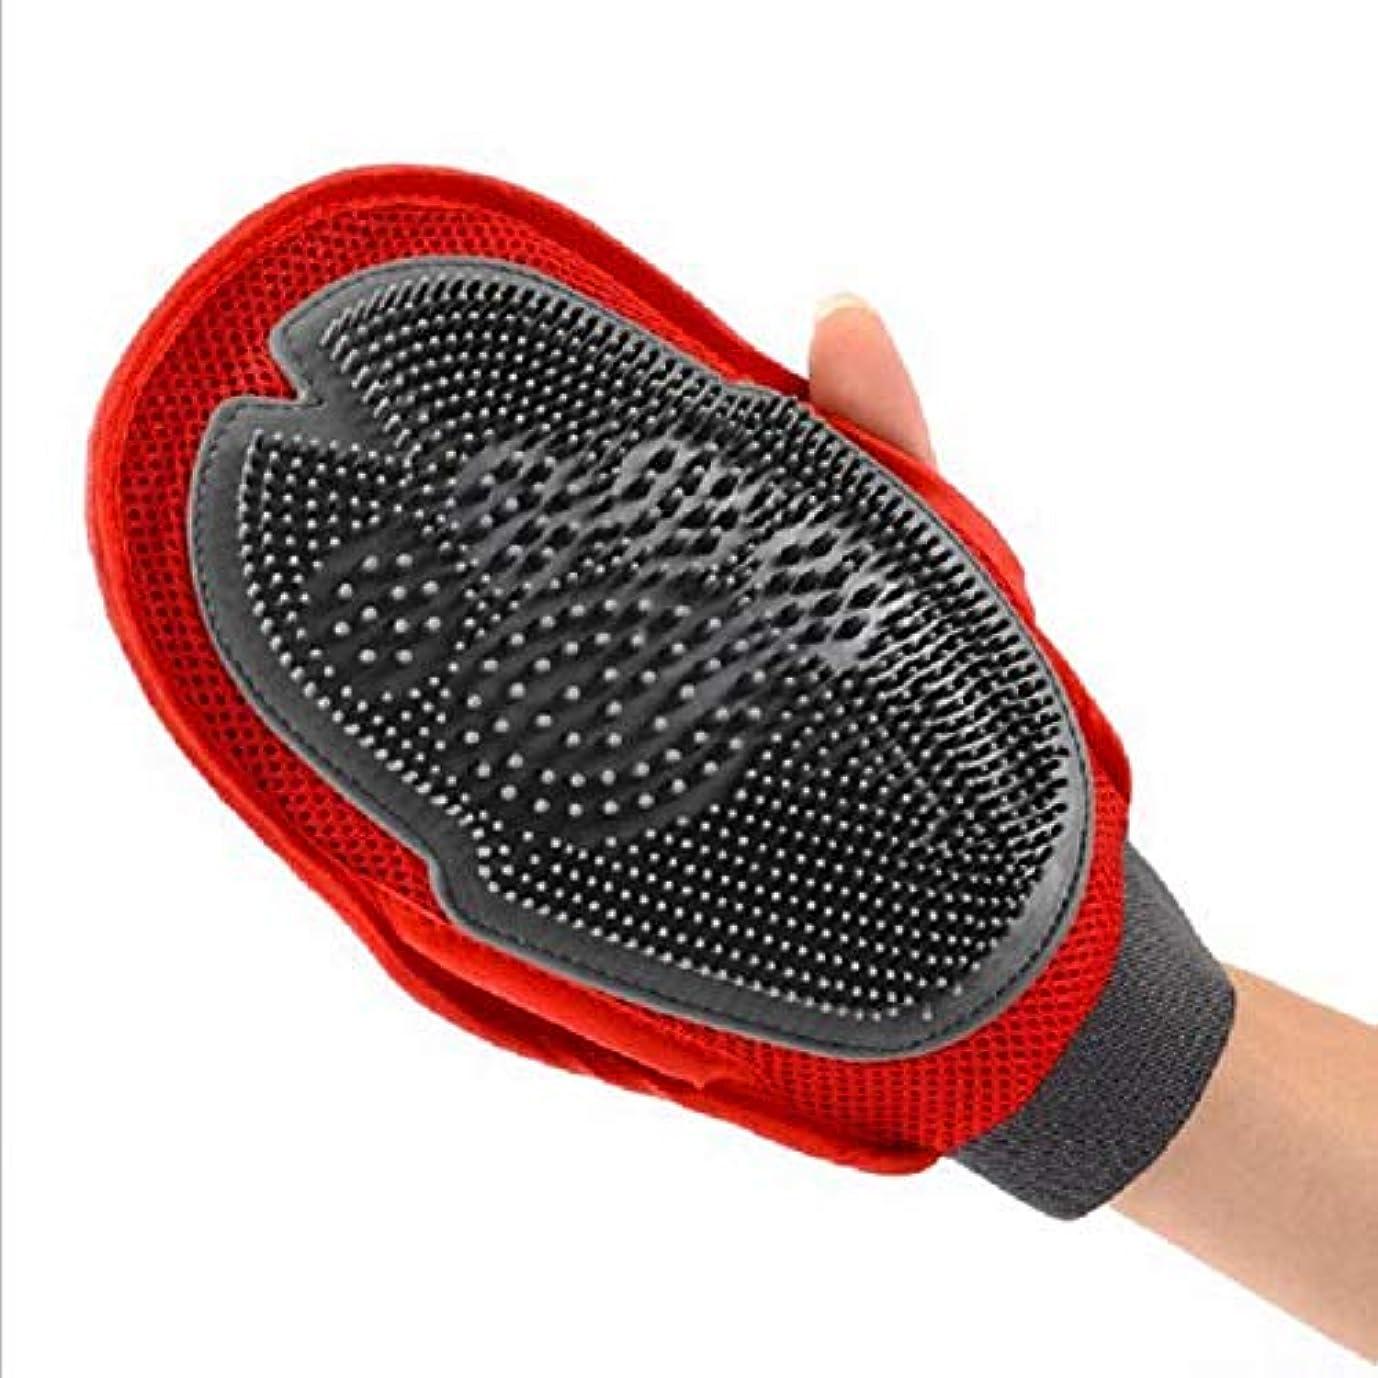 実業家山キャンセルBTXXYJP 手袋 ペット ブラシ 猫 ブラシ グローブ 耐摩耗 クリーナー 抜け毛取り マッサージブラシ 犬 グローブ お手入れ (Color : Red, Size : L)